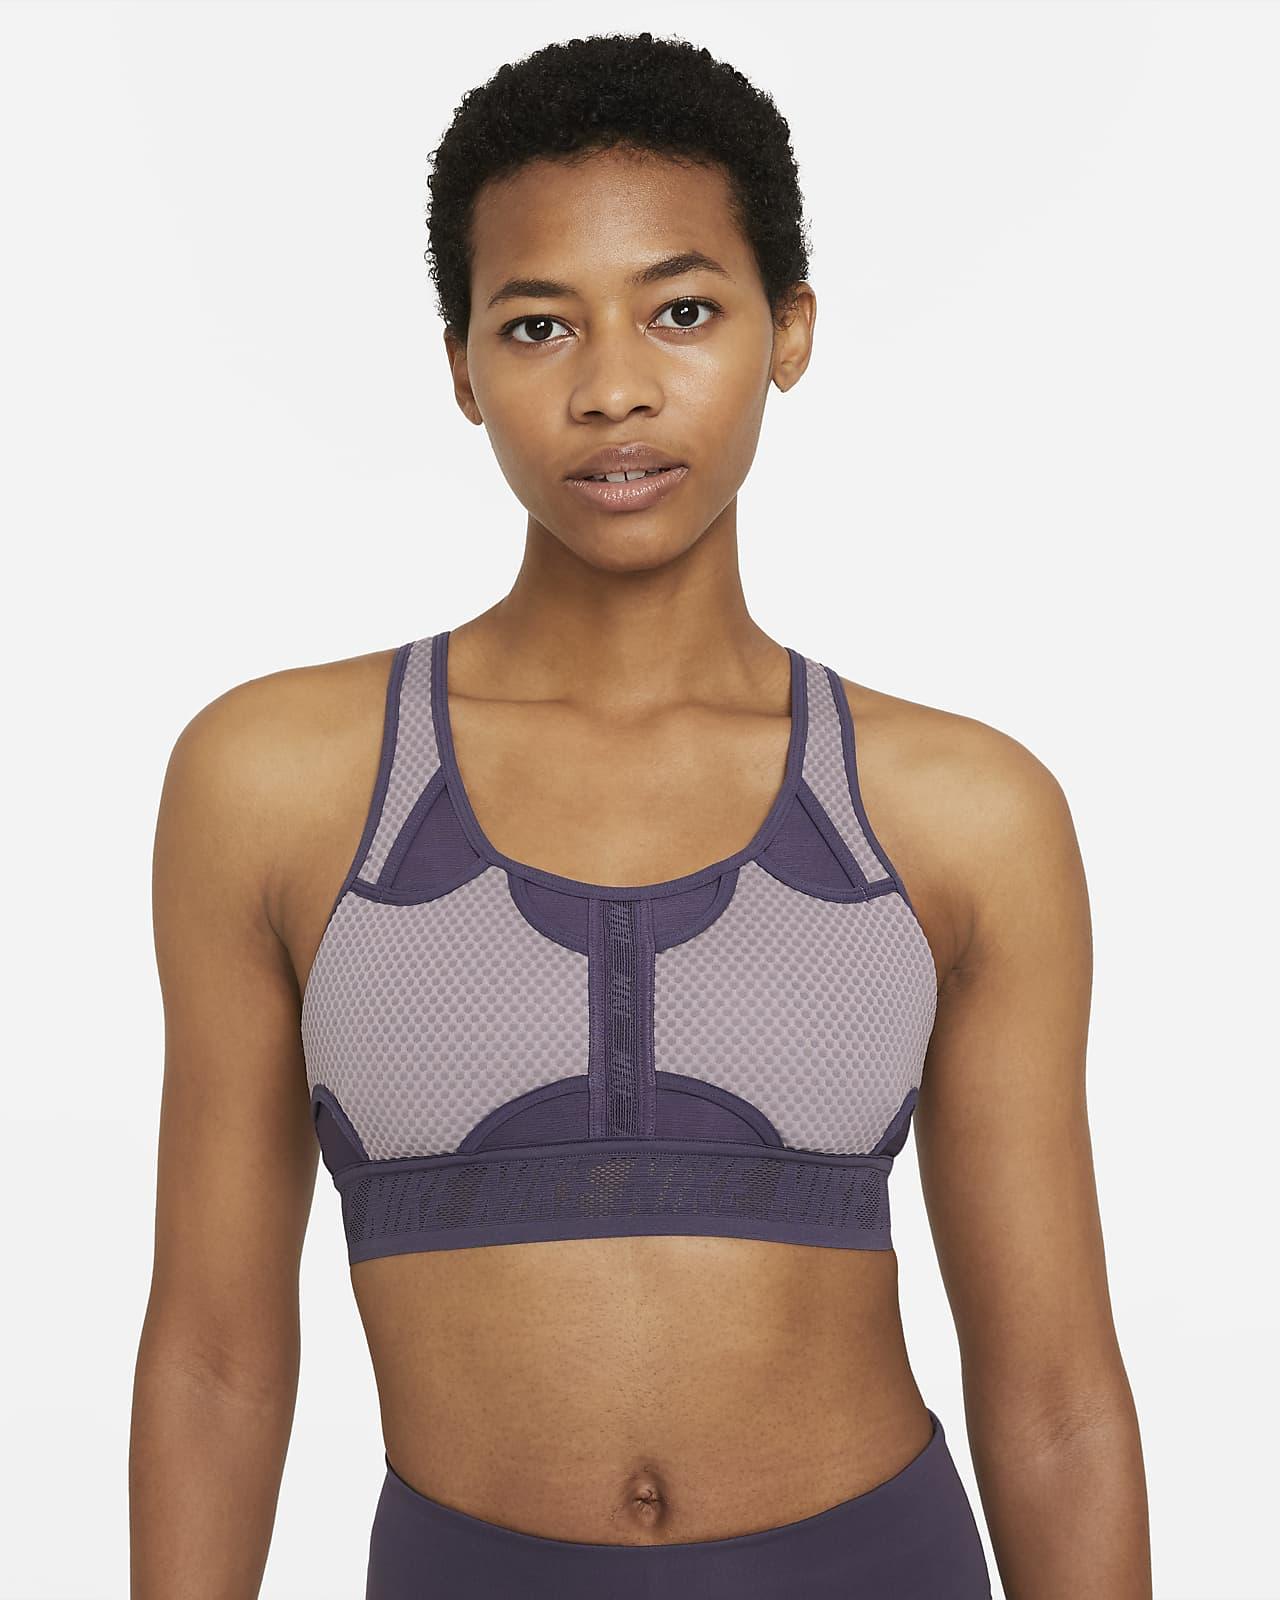 Damski stanik sportowy z wkładkami zapewniający średnie wsparcie Nike Swoosh UltraBreathe